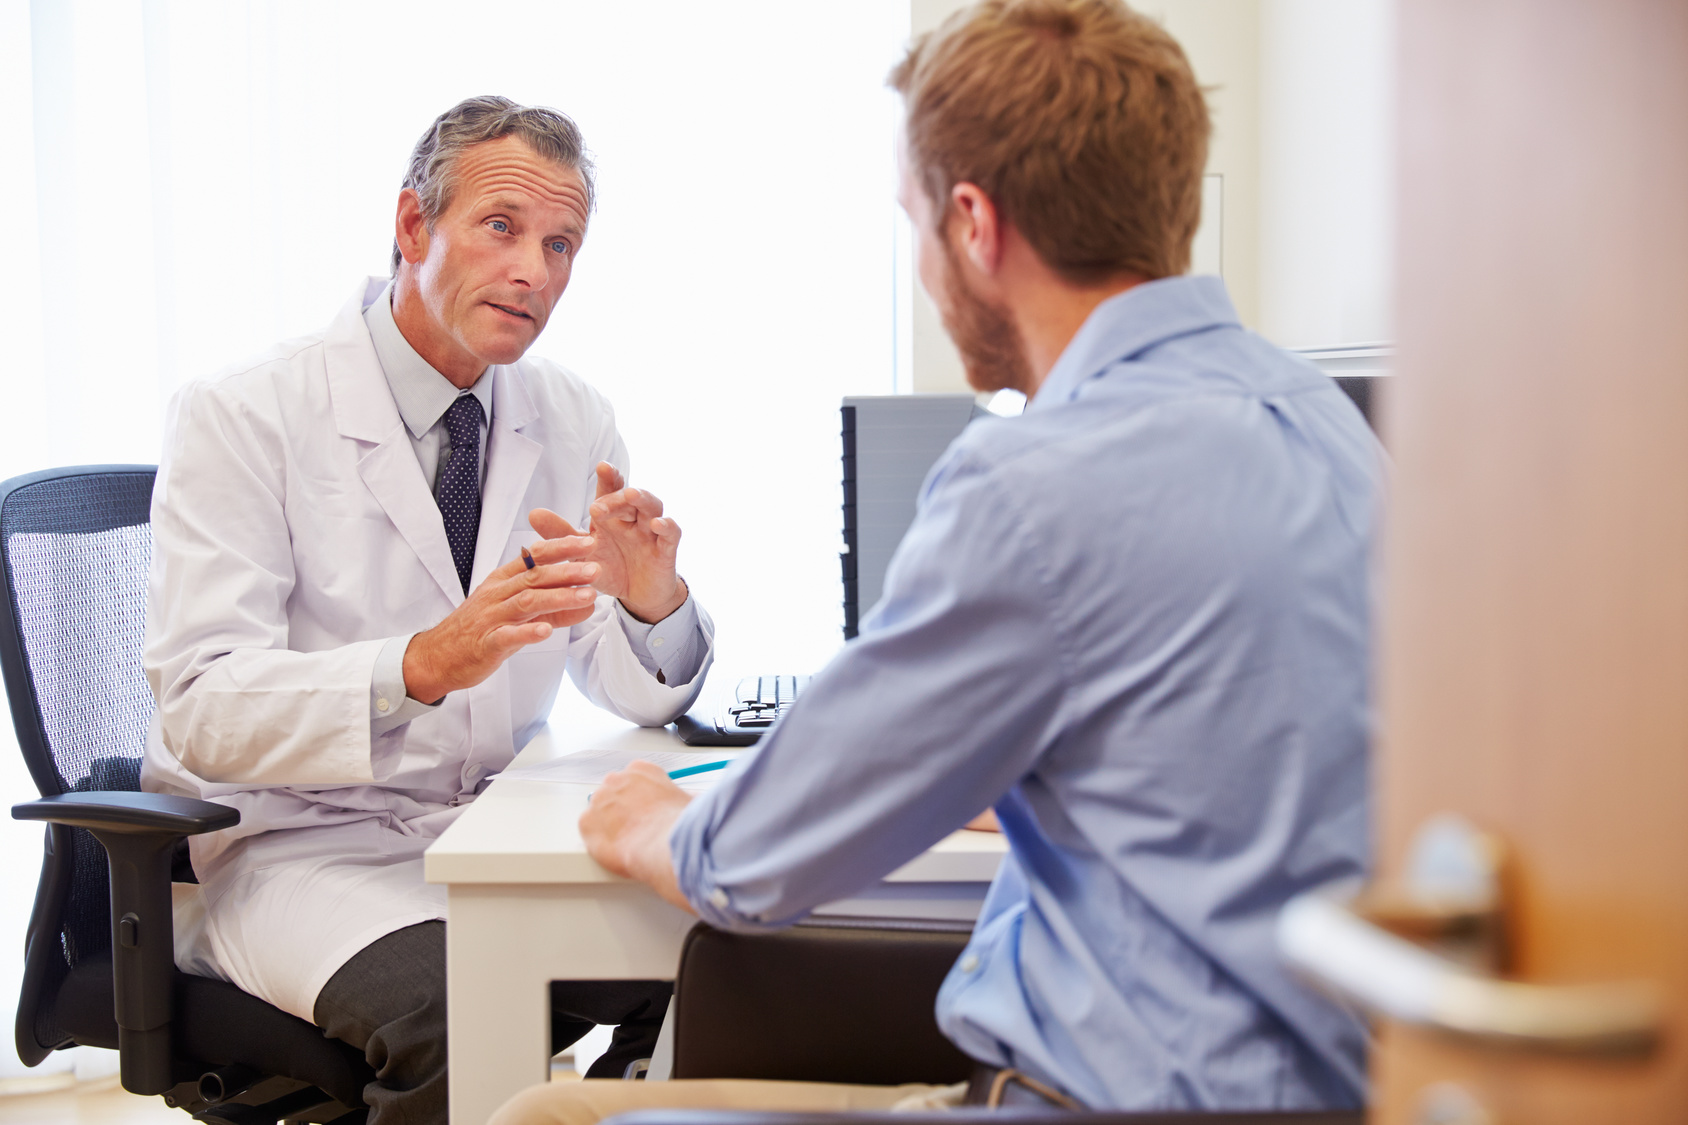 Description de Découvrez la nouvelle homologation médicaleproposée par TTI Success Insights !